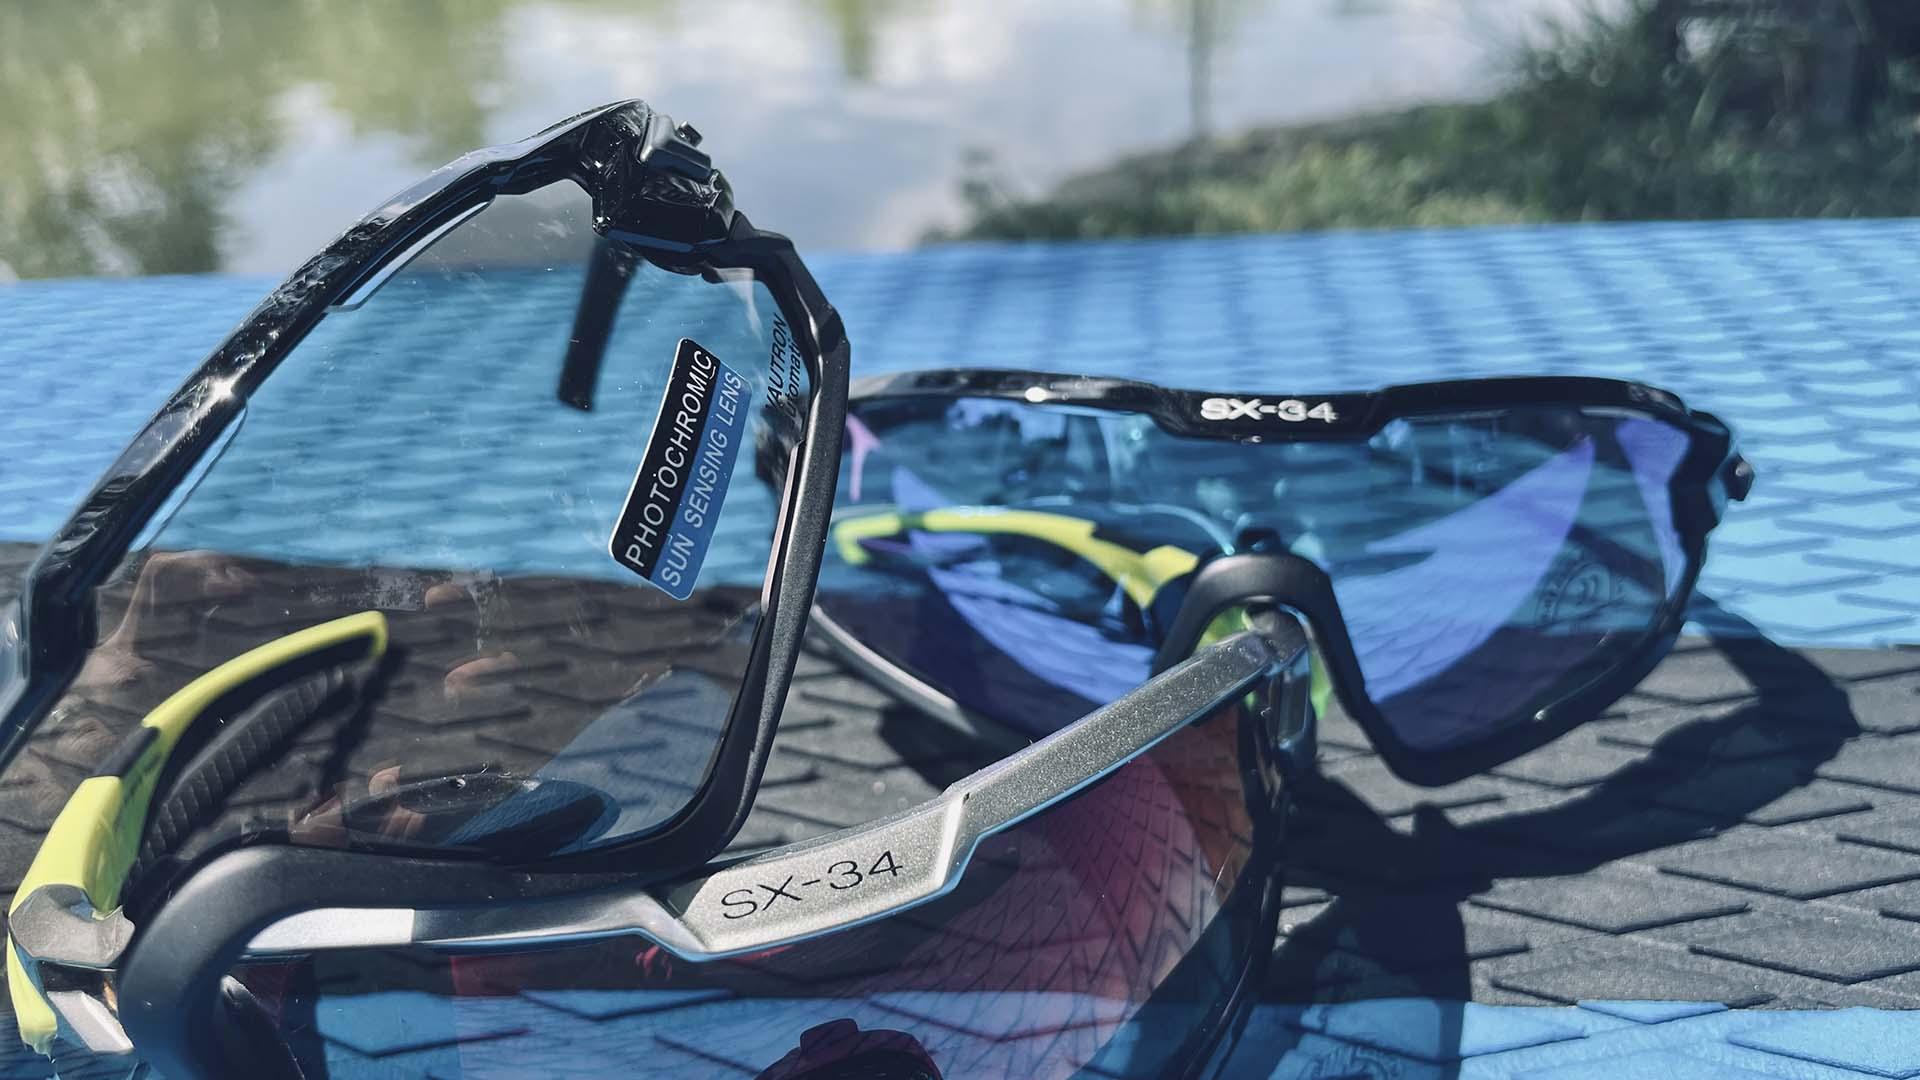 Funkcionális szemüveg sportoláshoz kifejlesztve: Casco SX-34 sportszemüveg-6